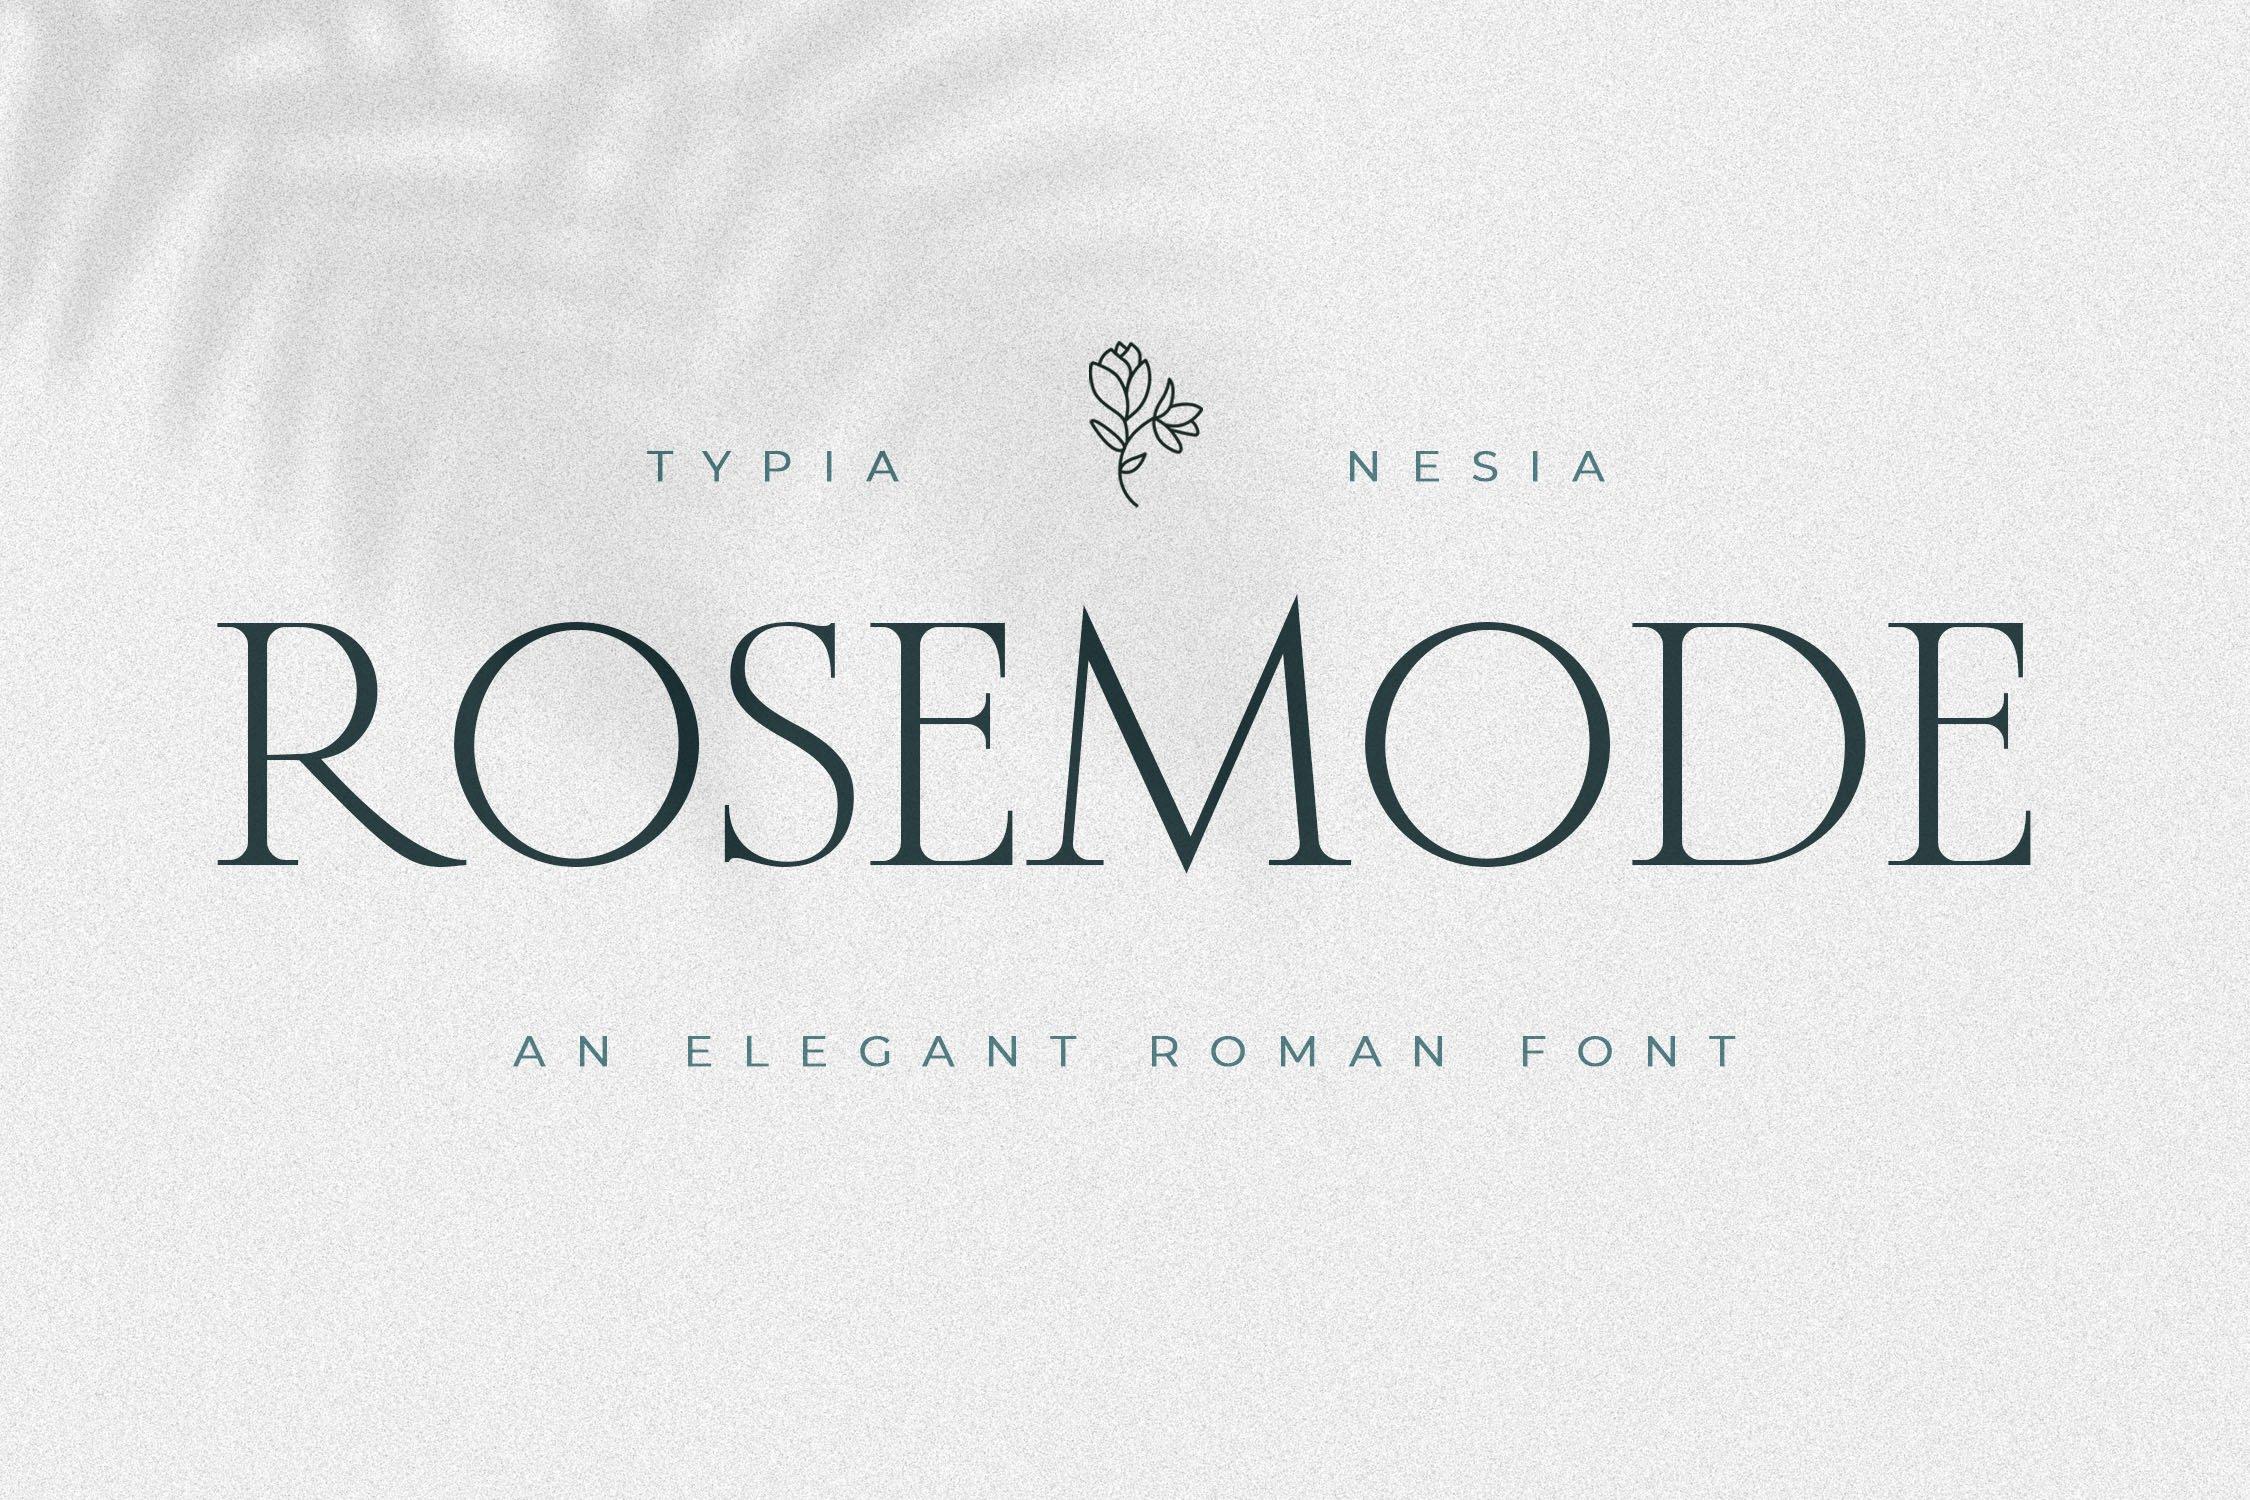 优雅经典杂志海报标题Logo设计衬线英文字体素材 Rosemode Font插图